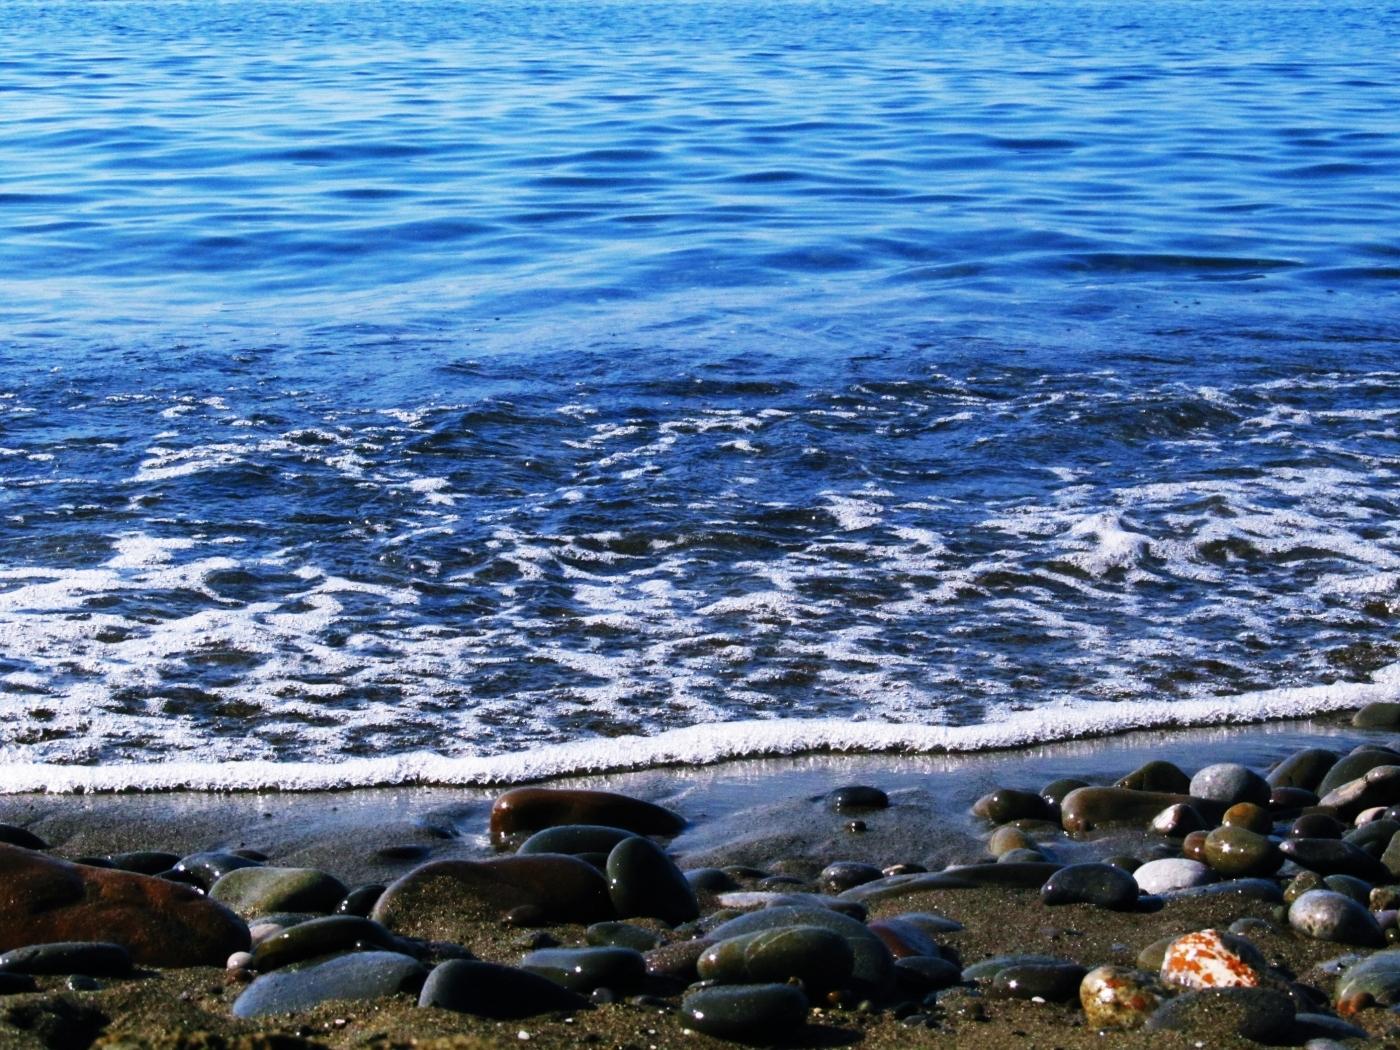 28752 скачать обои Пейзаж, Камни, Море - заставки и картинки бесплатно